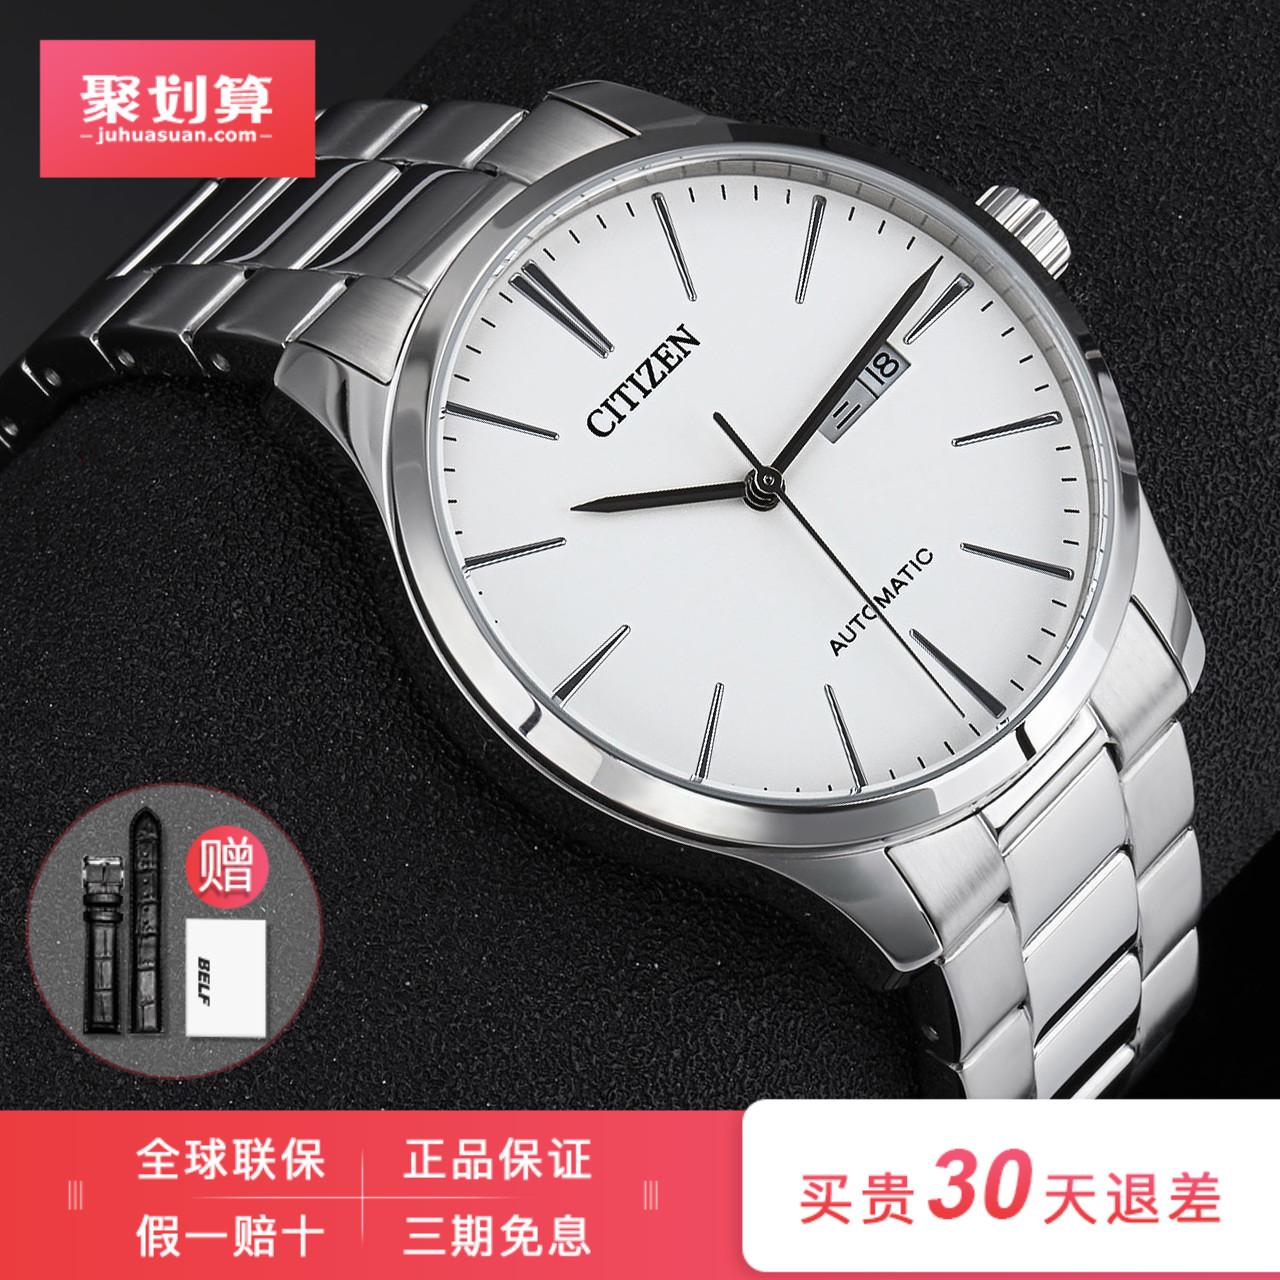 原装进口正品西铁城时尚休闲商务防水钢带自动机械男士手表NH8350